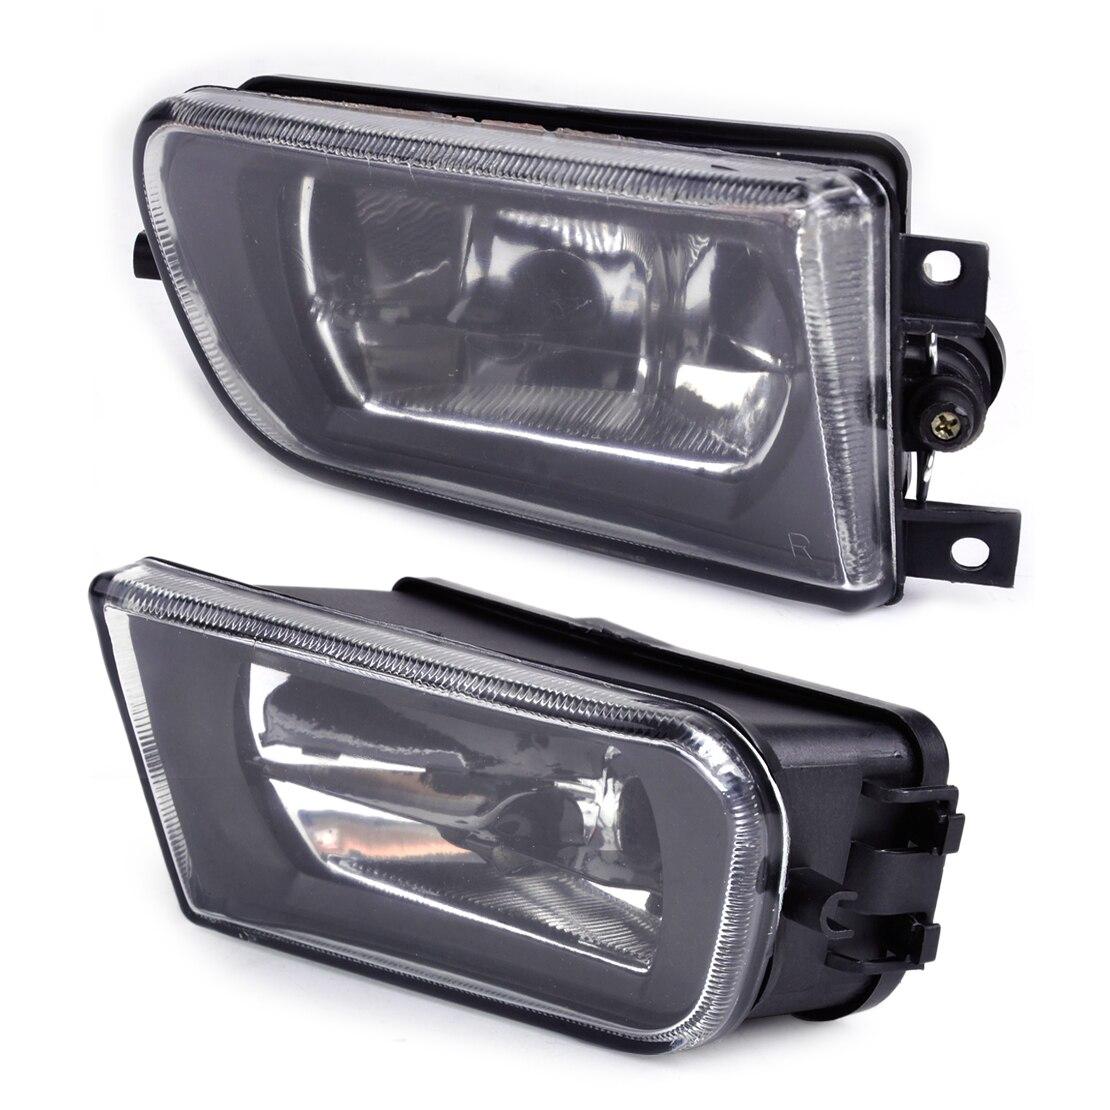 DWCX 63178360575, 63178360576 22 pièces Lampe Antibrouillard pour BMW E36 Z3 E39 Série 5 528i 540i 535i 1997 1998 1999 2000